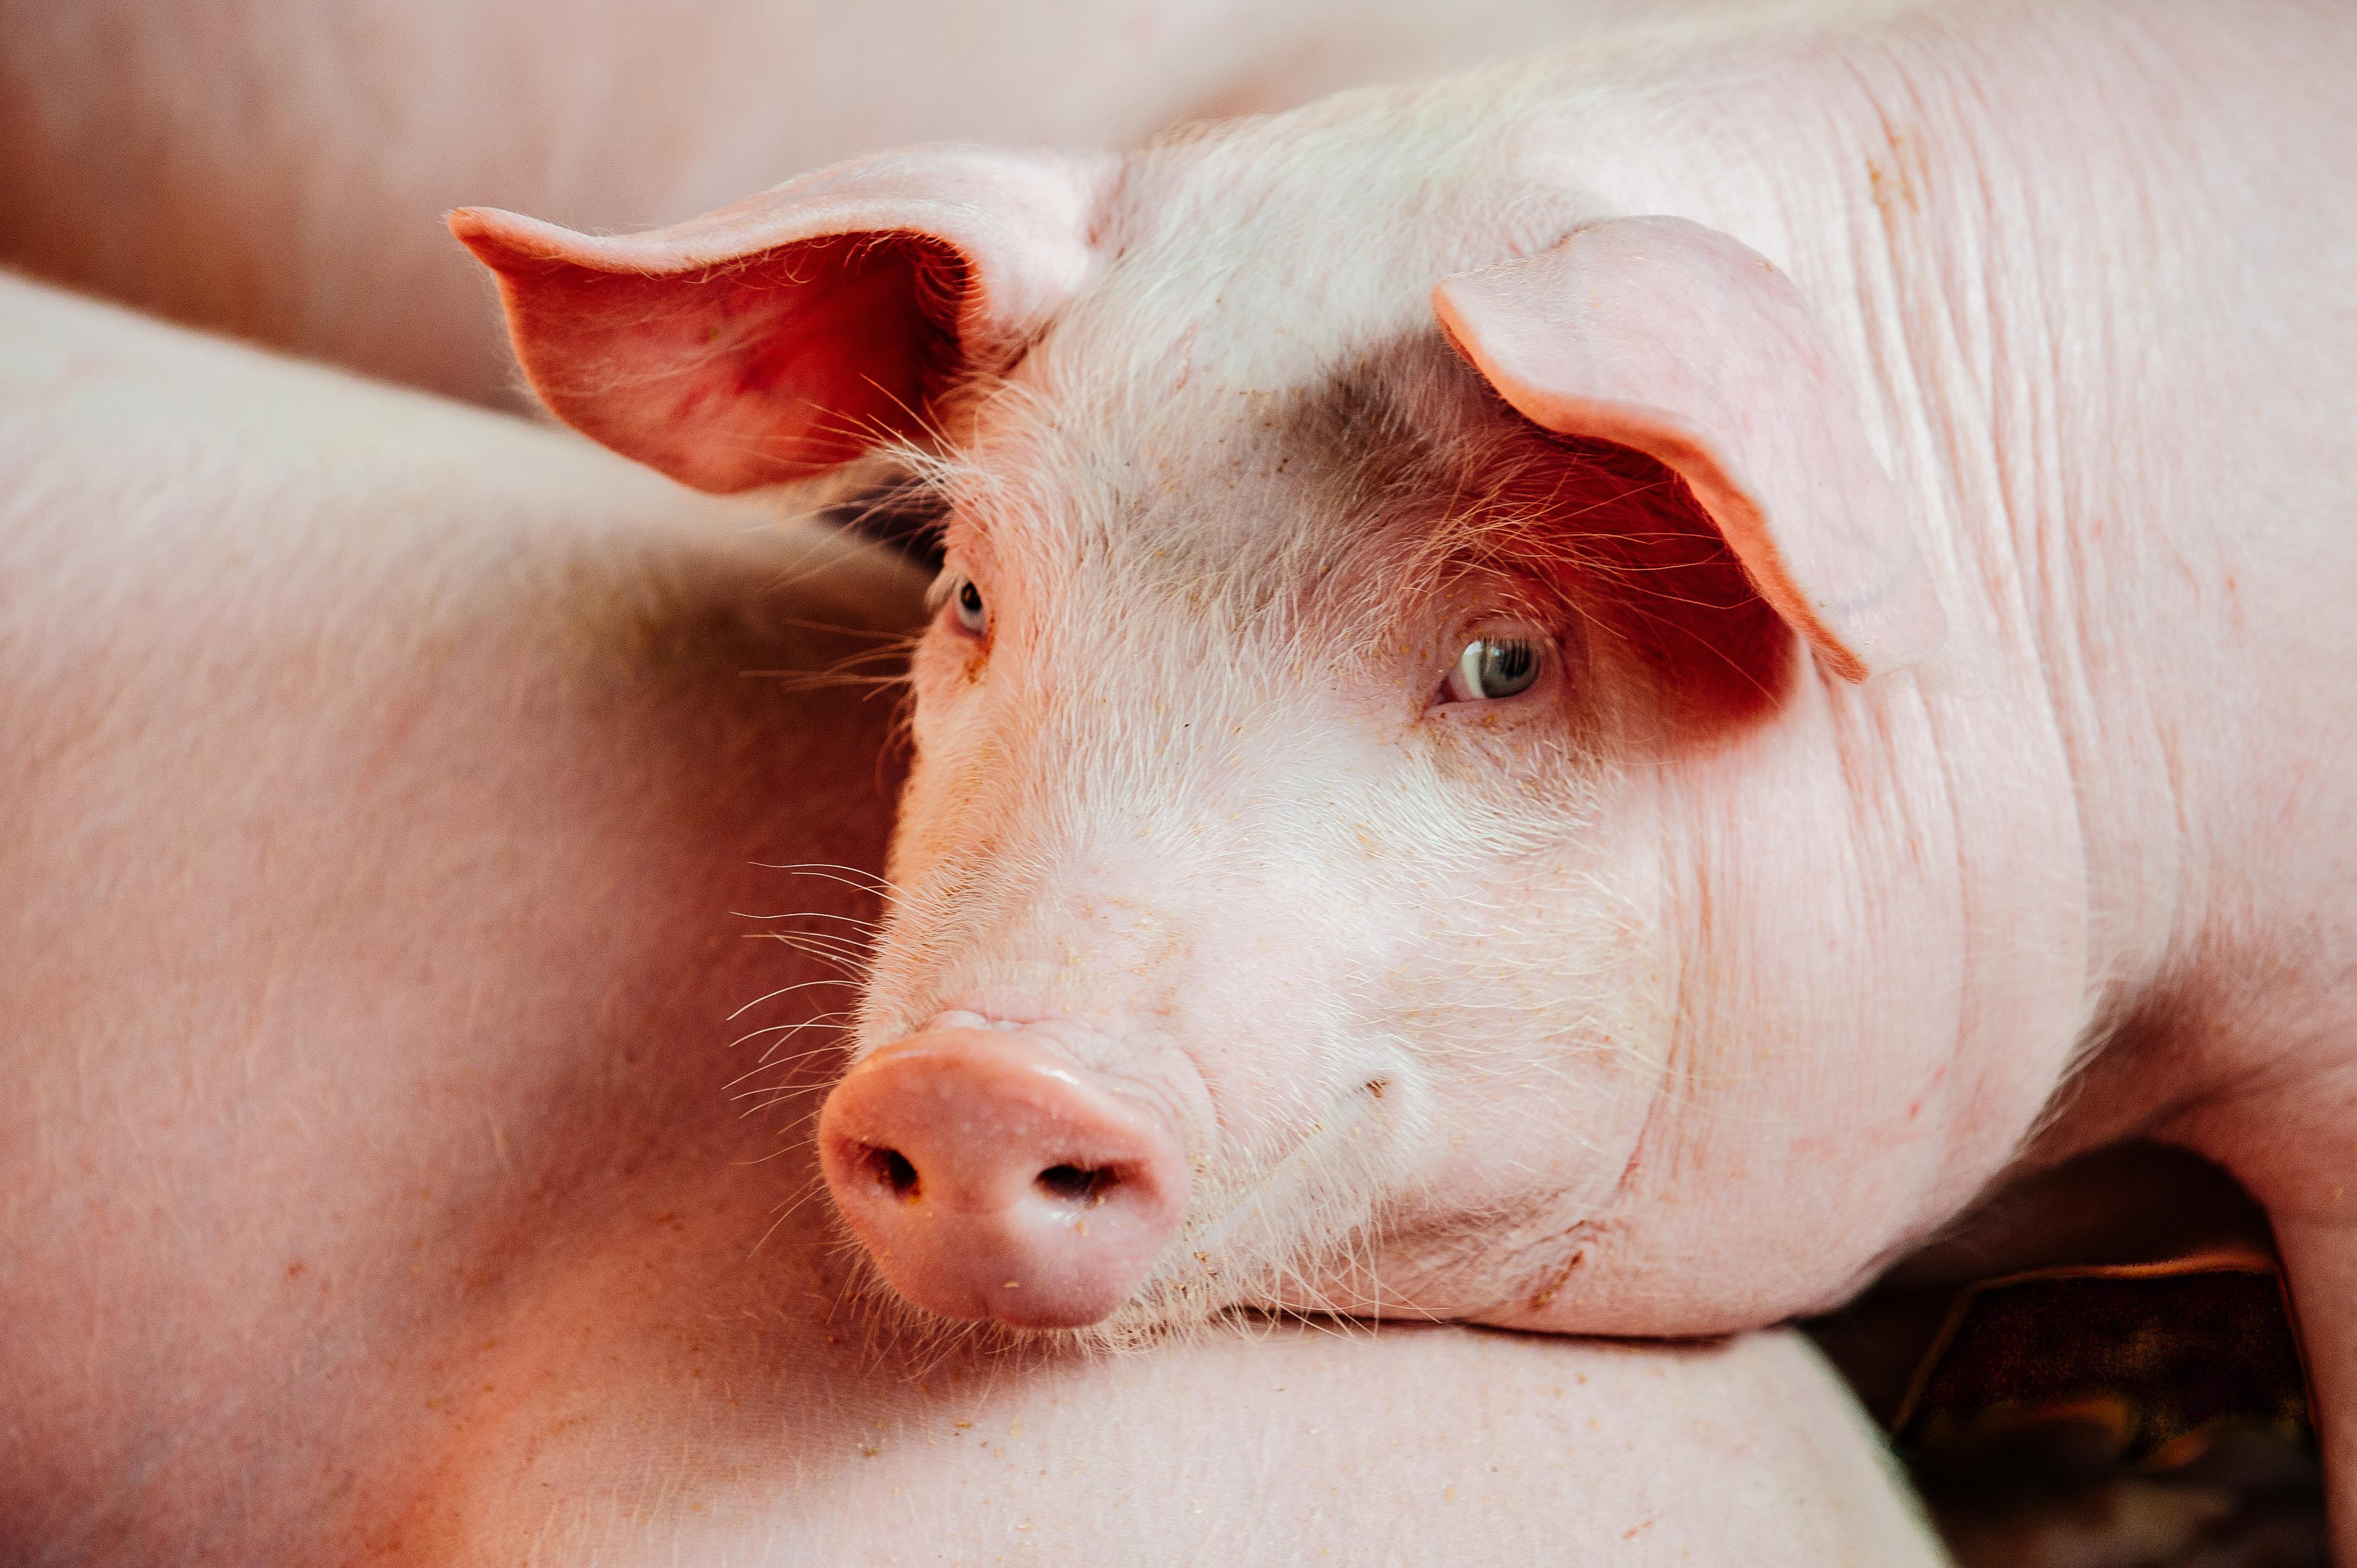 Vergnügungspark zwingt Schwein zu Bungee-Sprung: Shitstorm im Netz